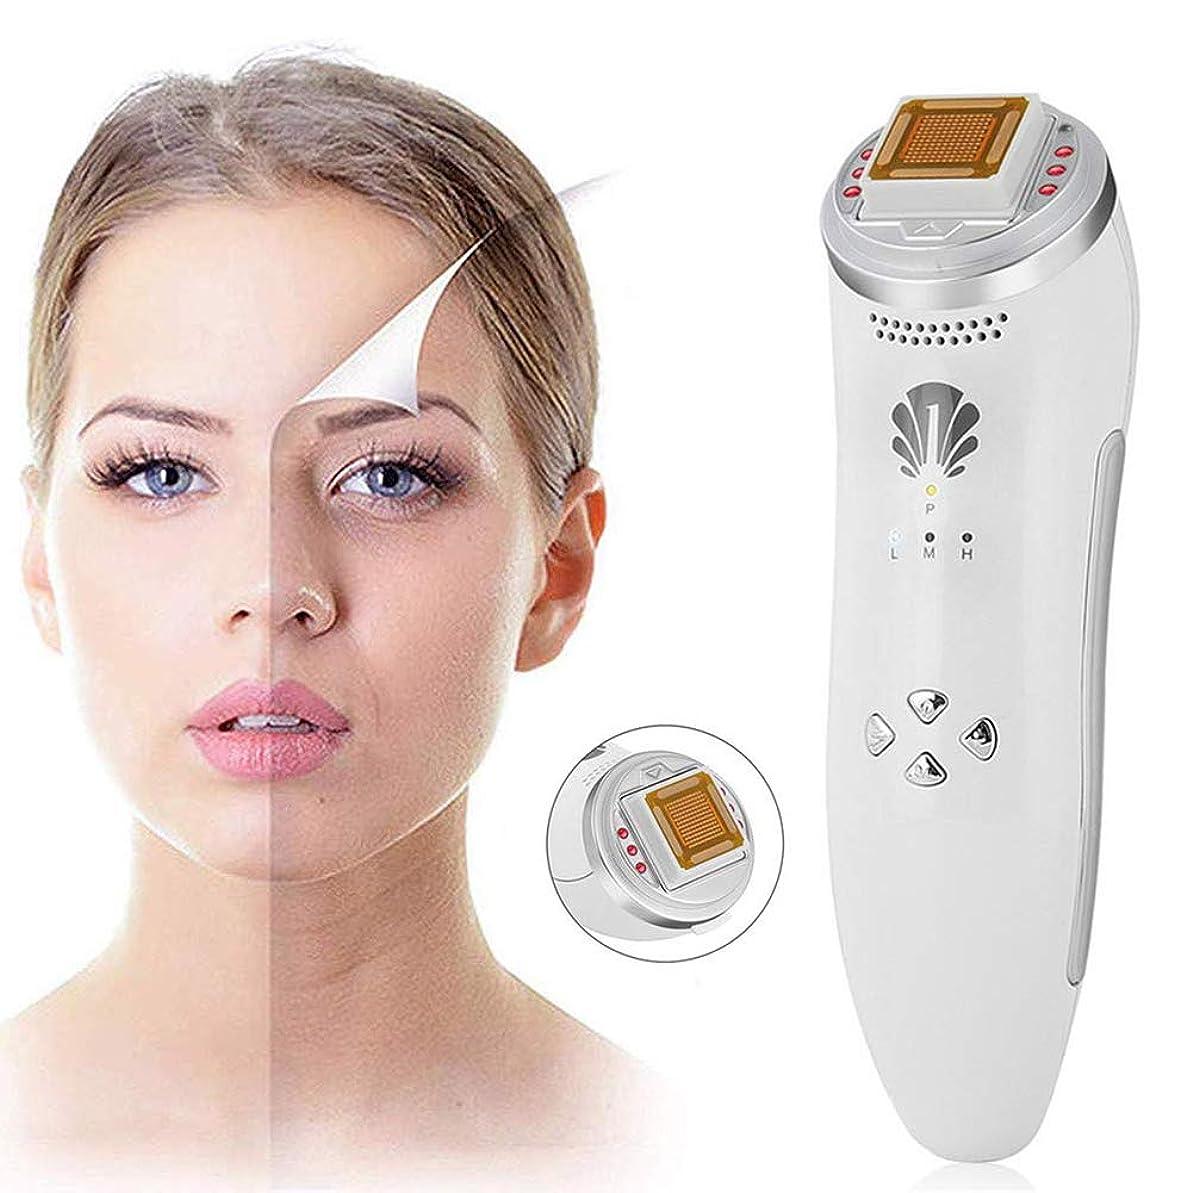 悪意伝説下に向けますしわのためのフェイスリフト装置の皮のきつく締まる機械は顔のマッサージャー多機能のスキンケアの美の器械を取除きます